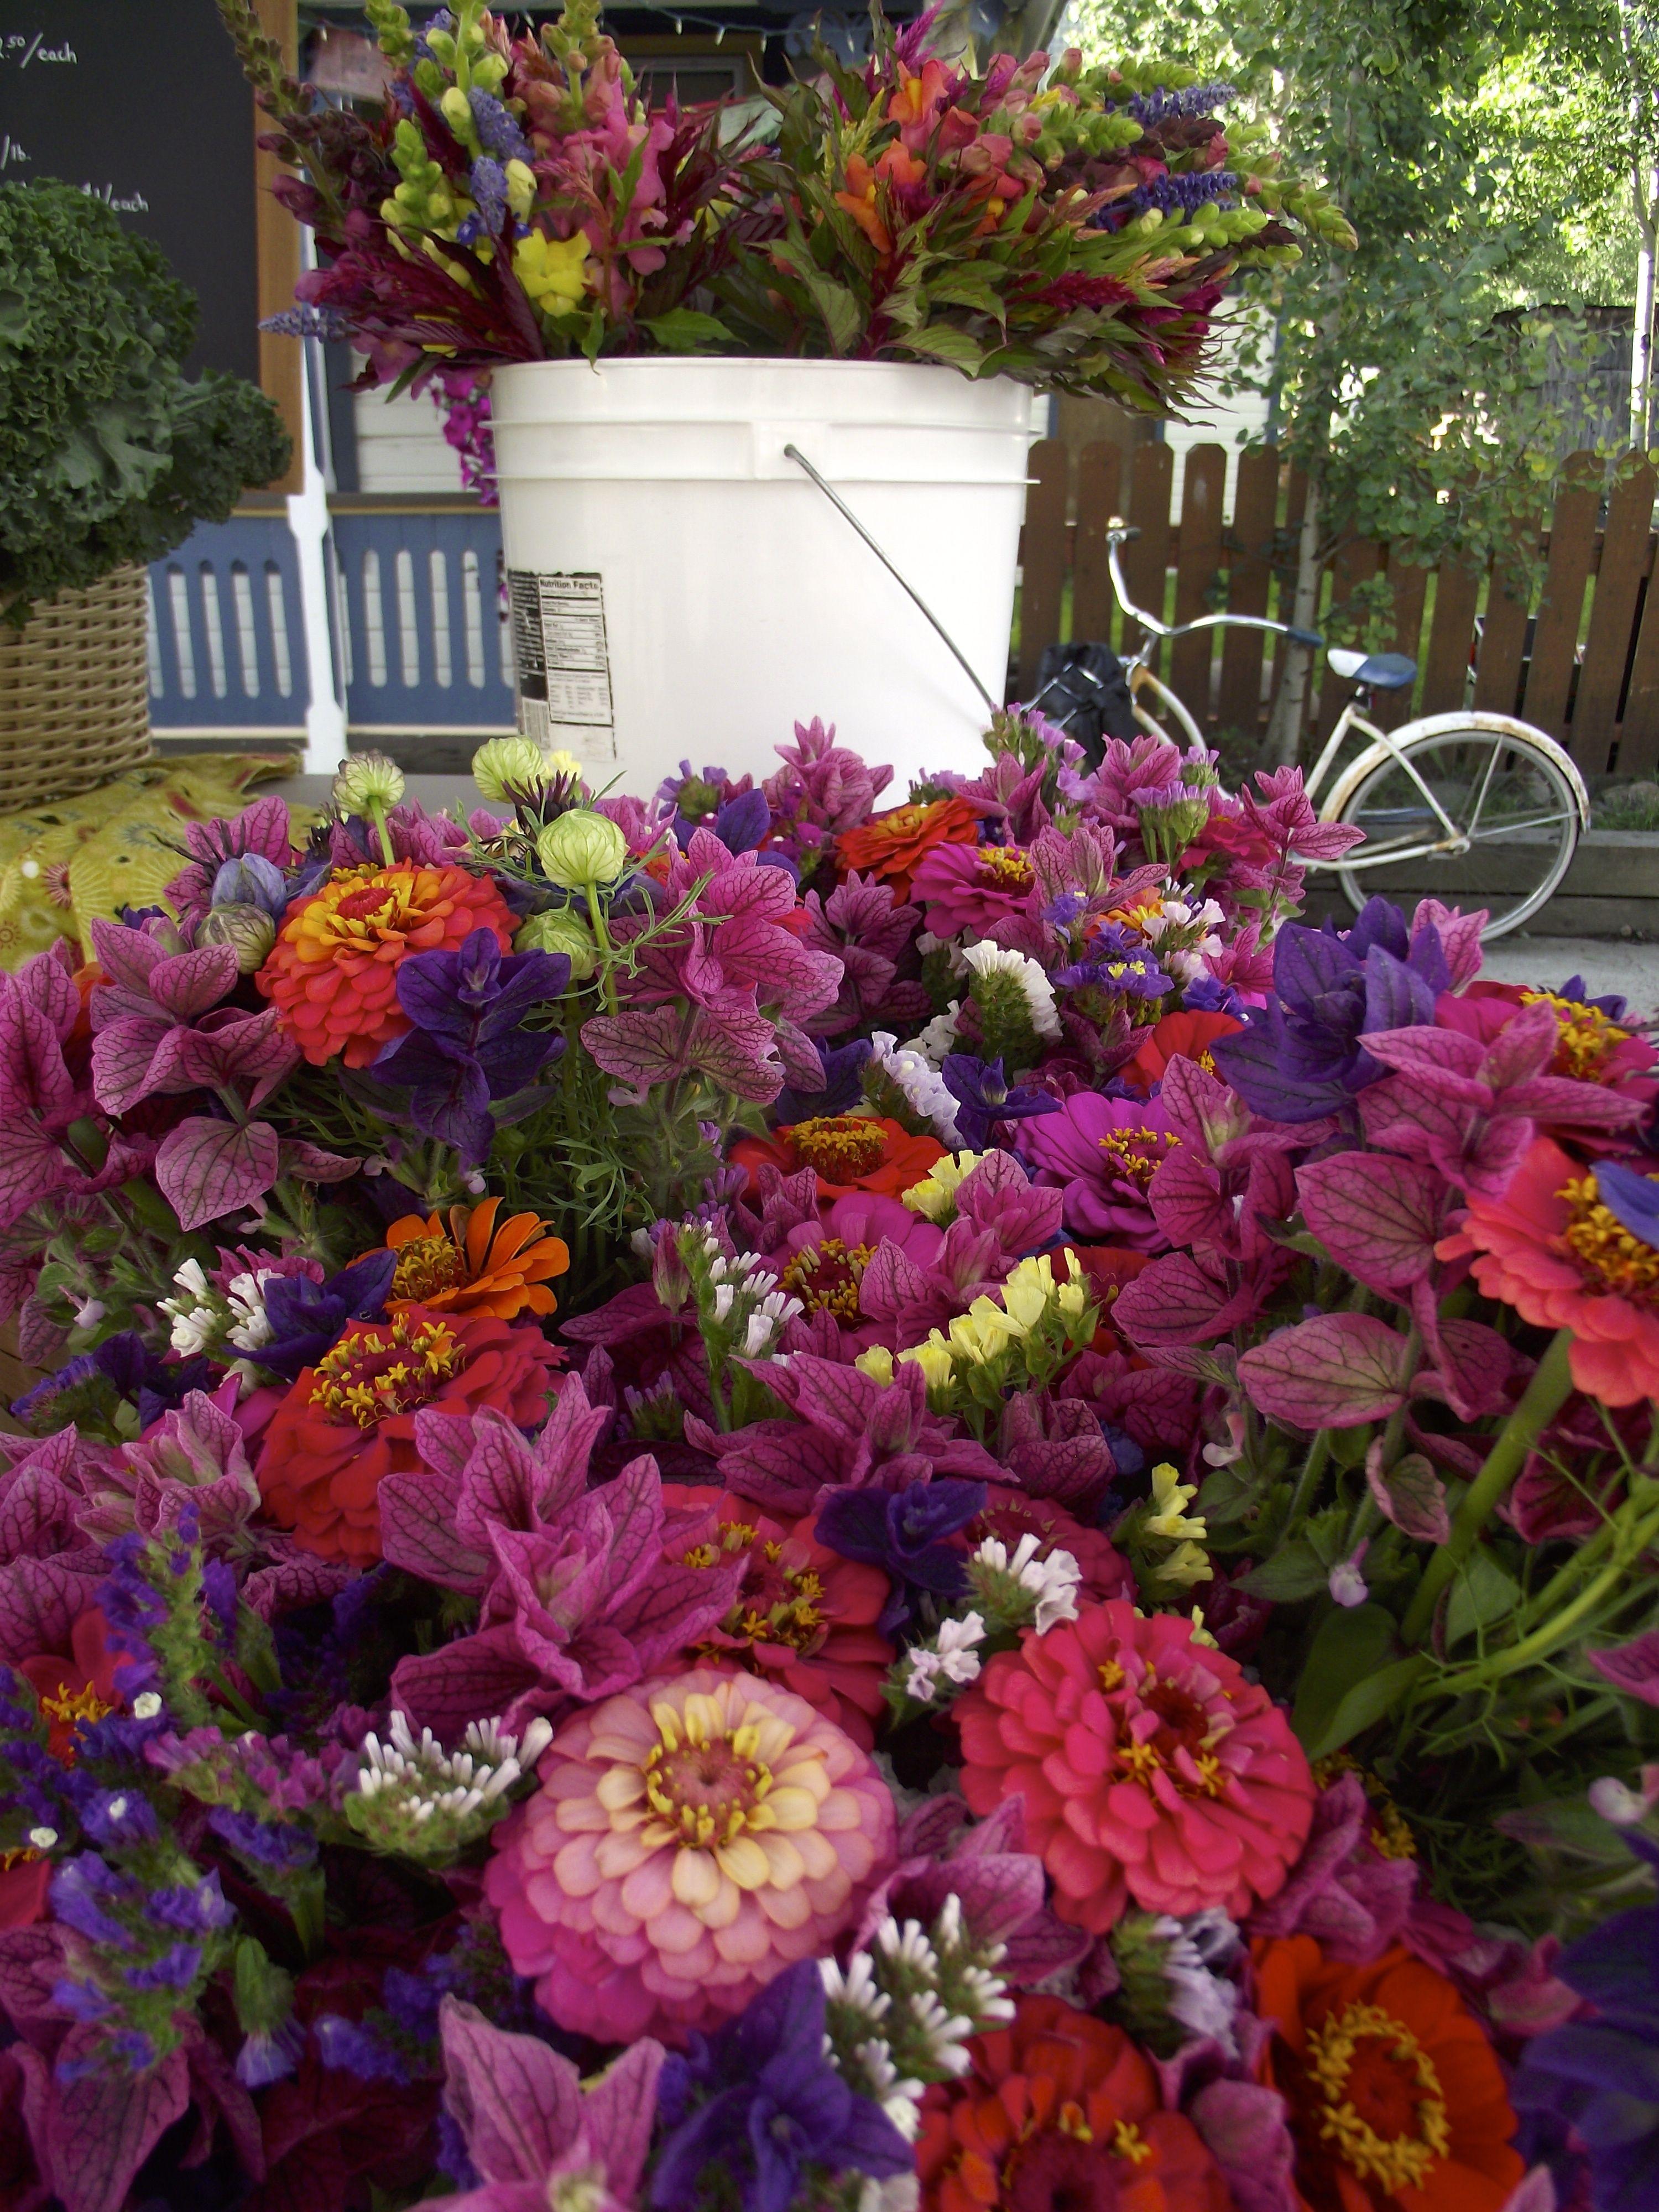 Farm flower bouquets flowers bouquet flowers farmer